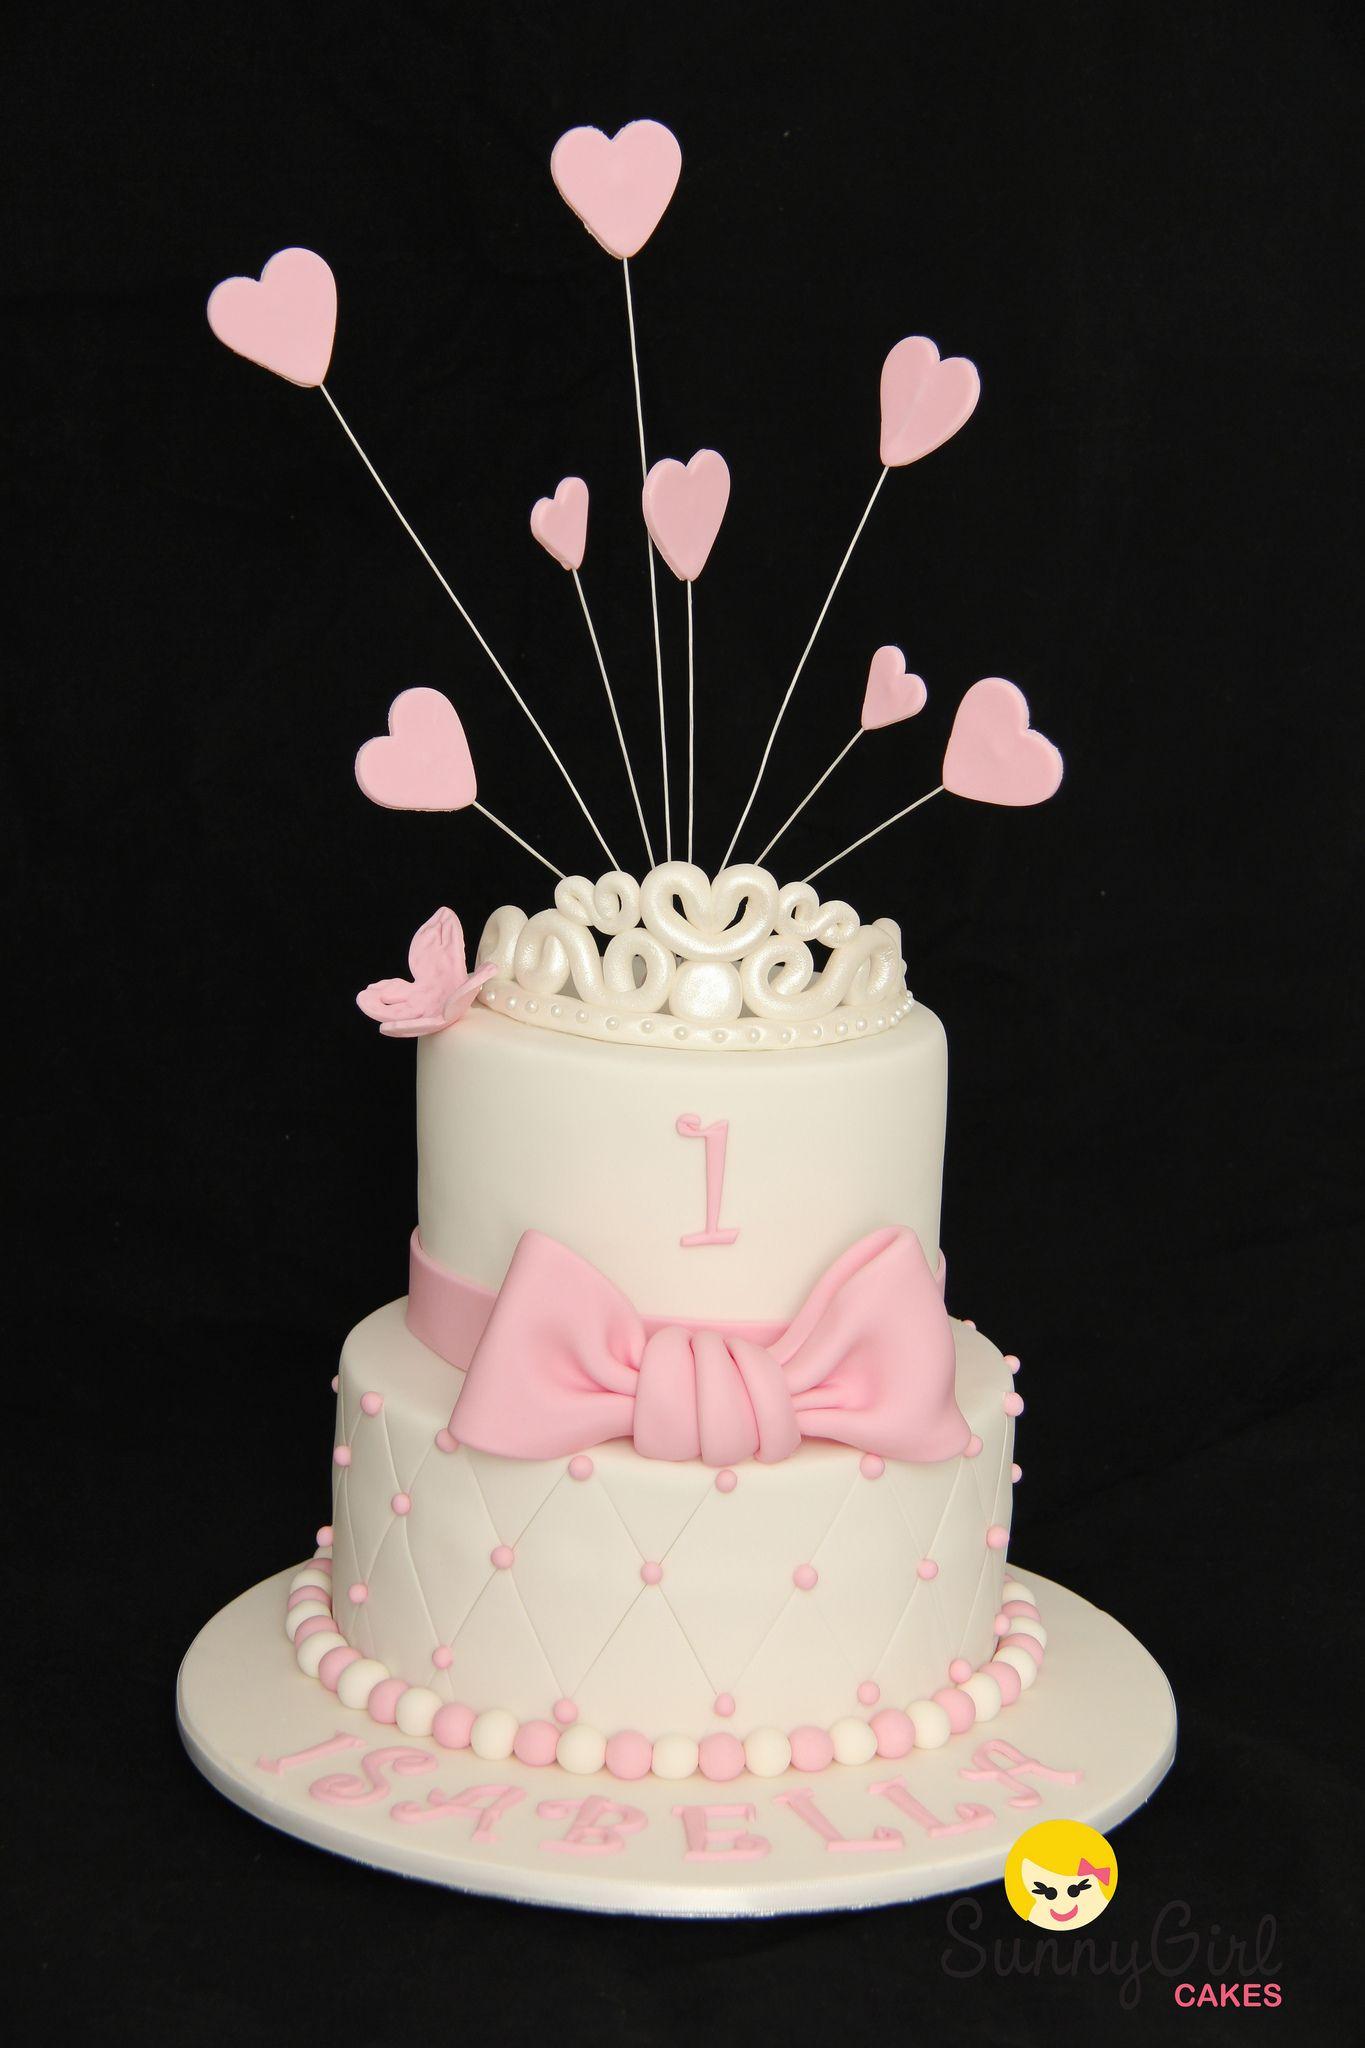 Princess first birthday cake Idée gateau, Idée gateau